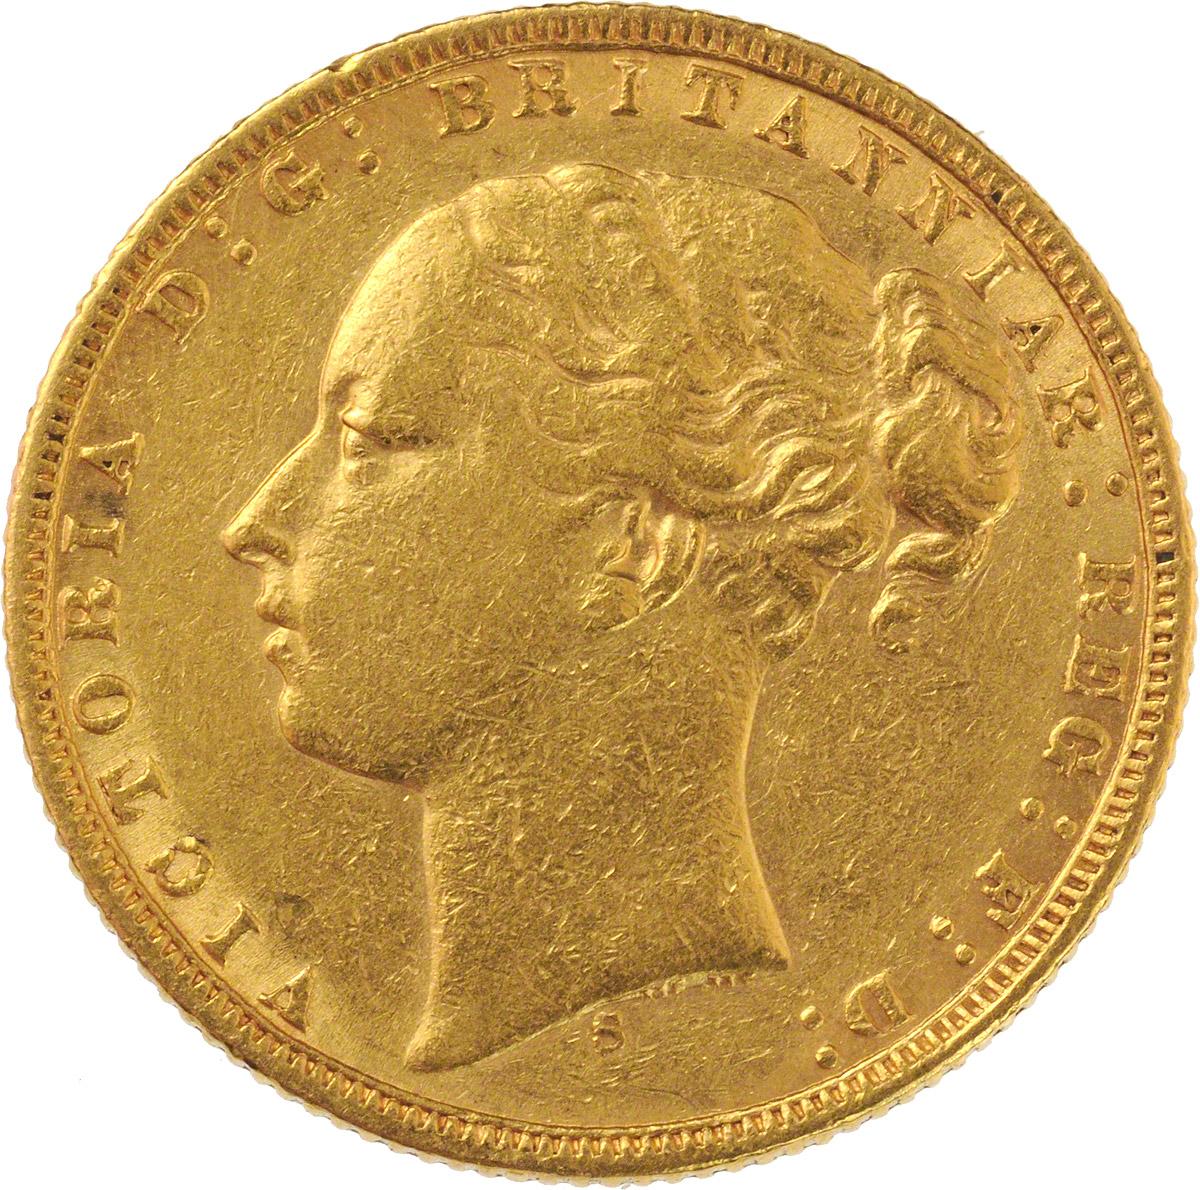 1873 Βικτώρια (Νομισματοκοπείο Σίδνεϊ)